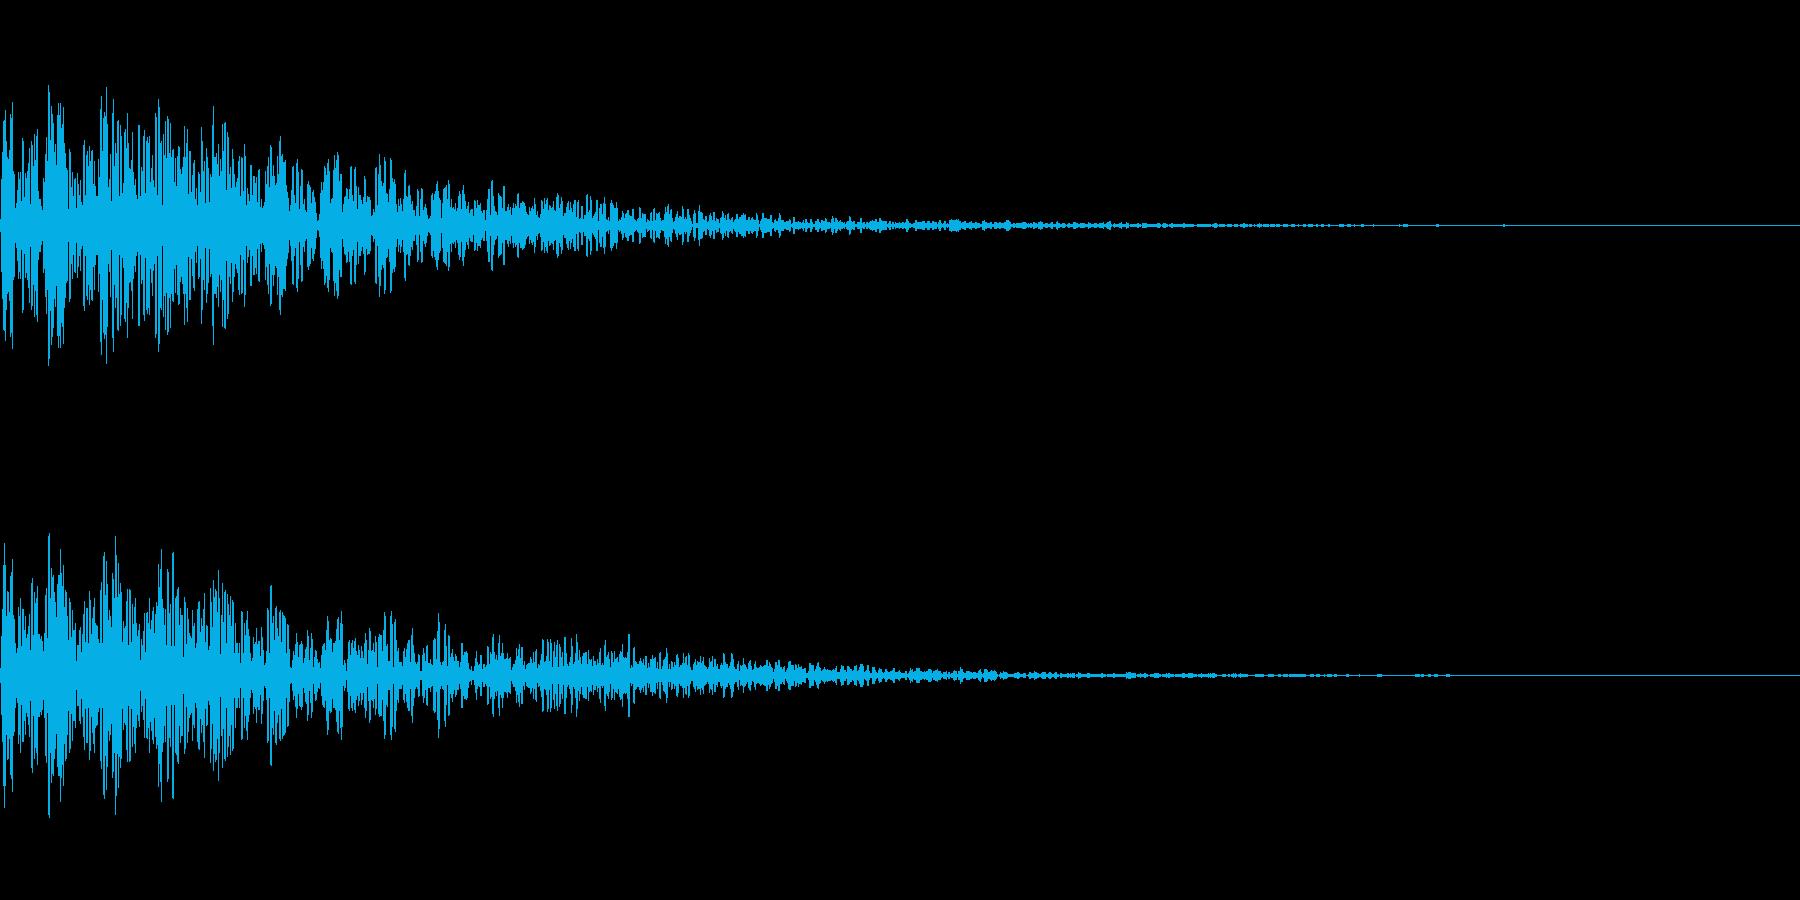 [ボーン]失敗(暗く短い)の再生済みの波形